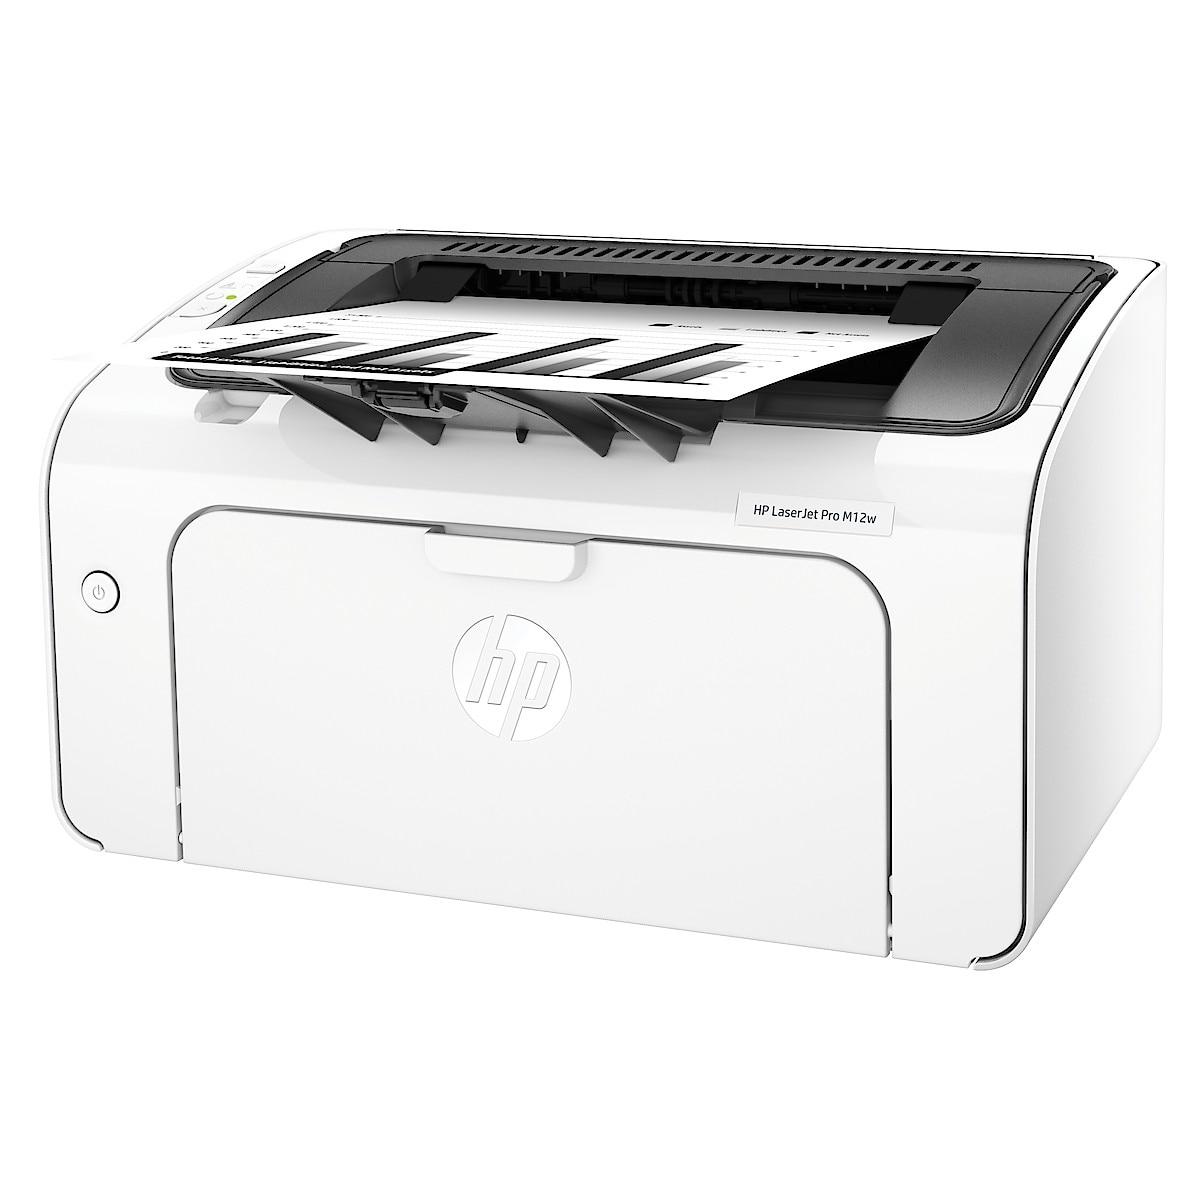 HP LaserJet Pro M12W laserskriver